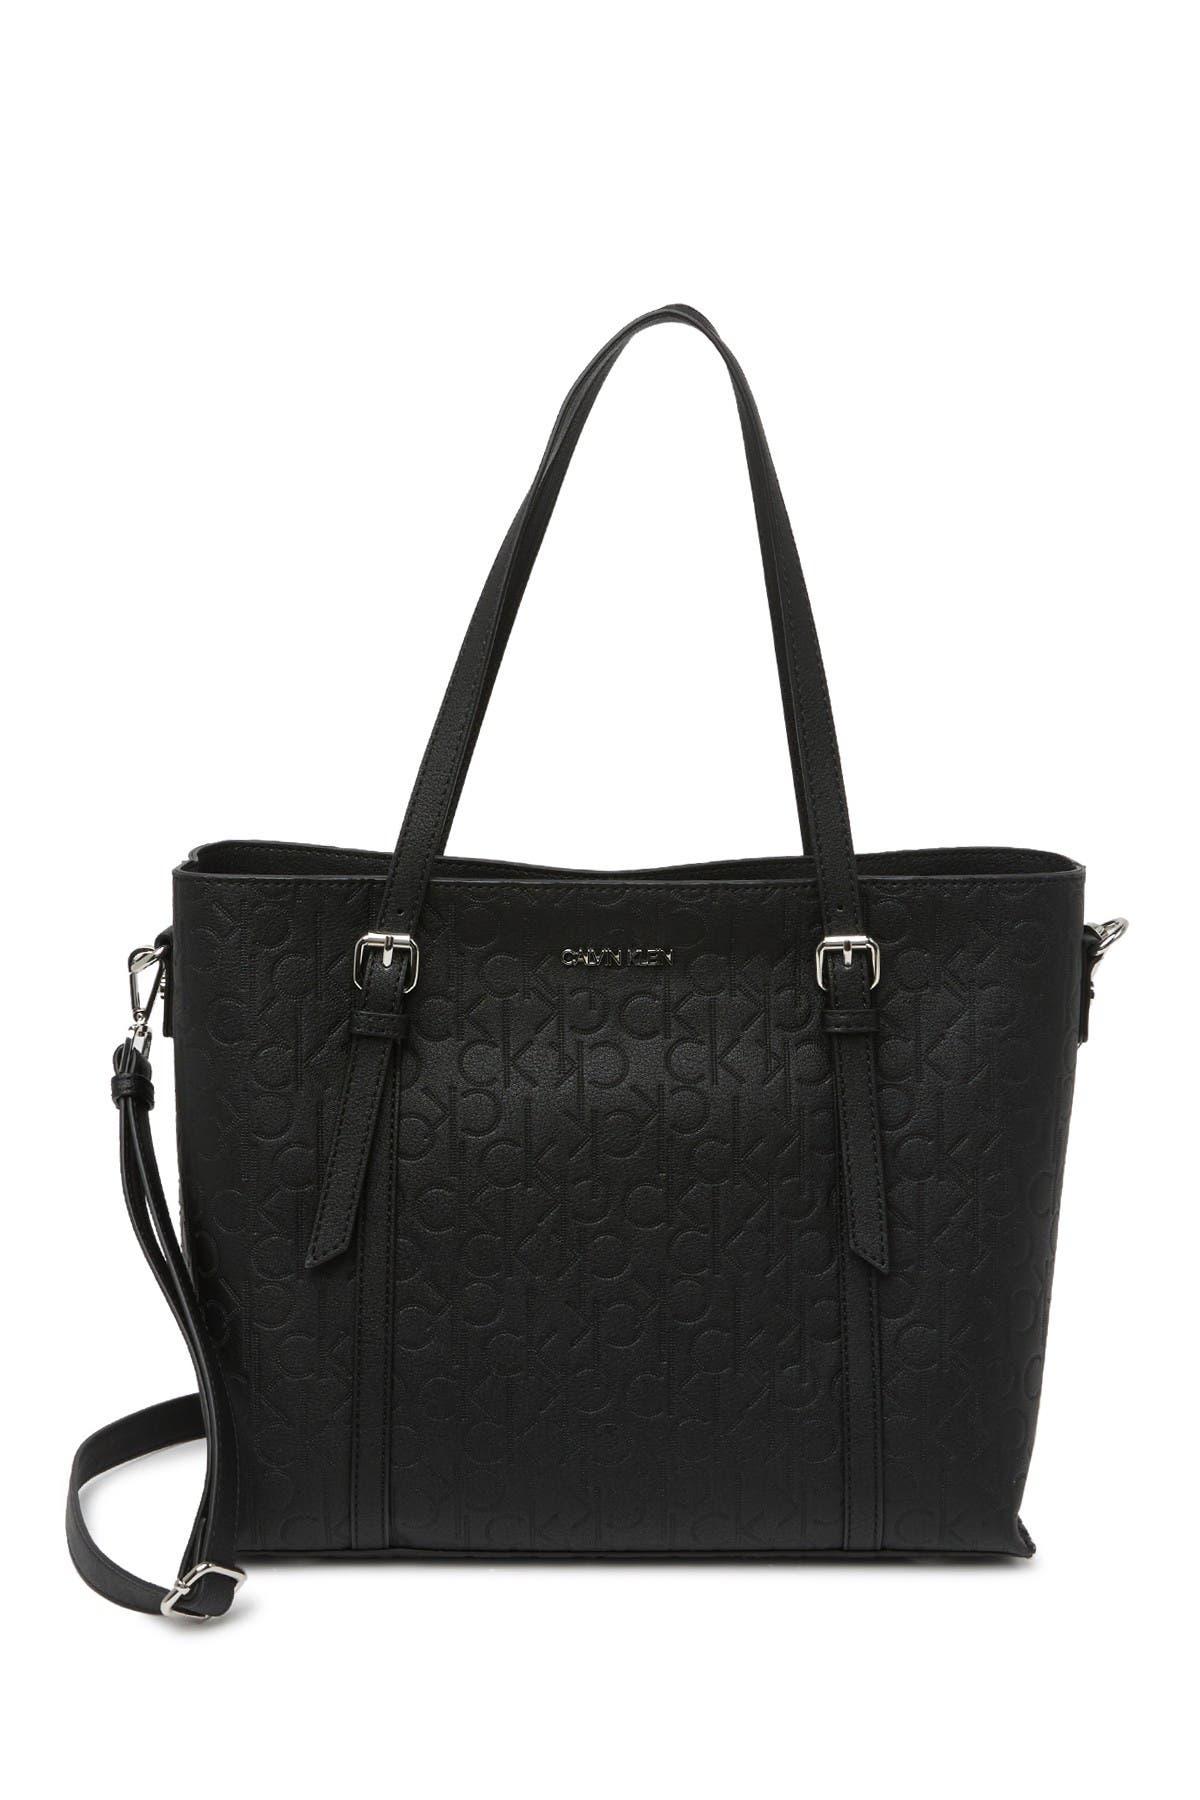 Image of Calvin Klein Novelty Shoulder Bag Tote